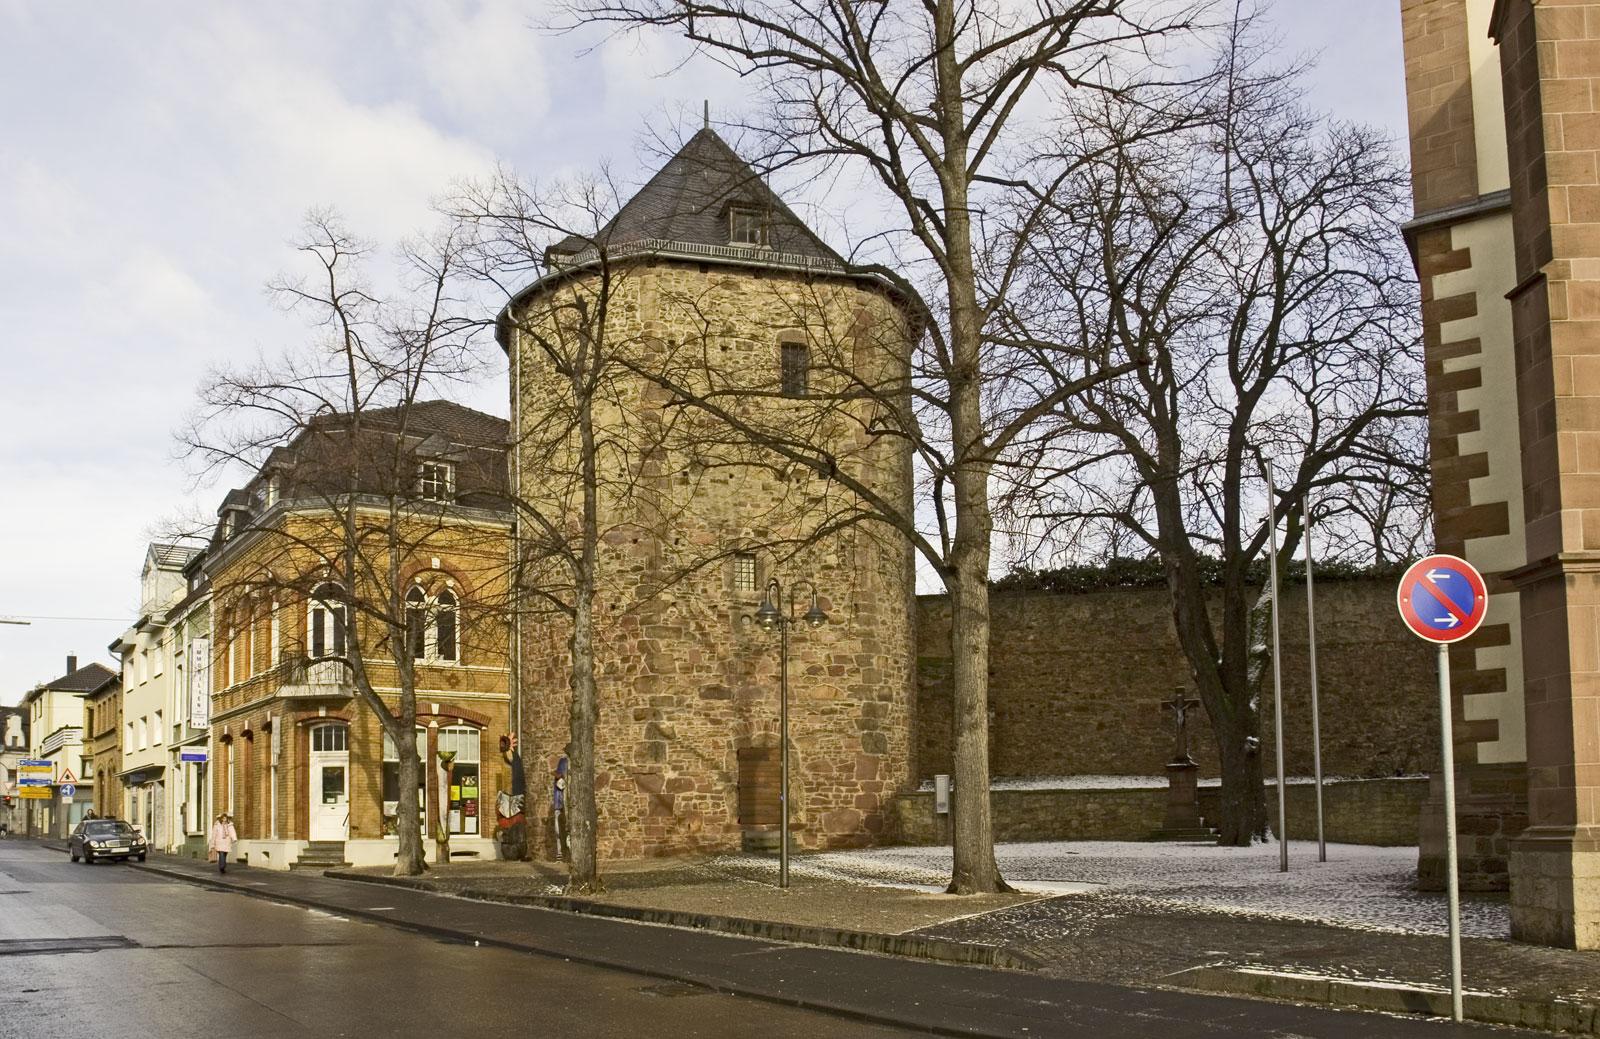 Stadtmuseum euskirchen - Euskirchen mobel ...